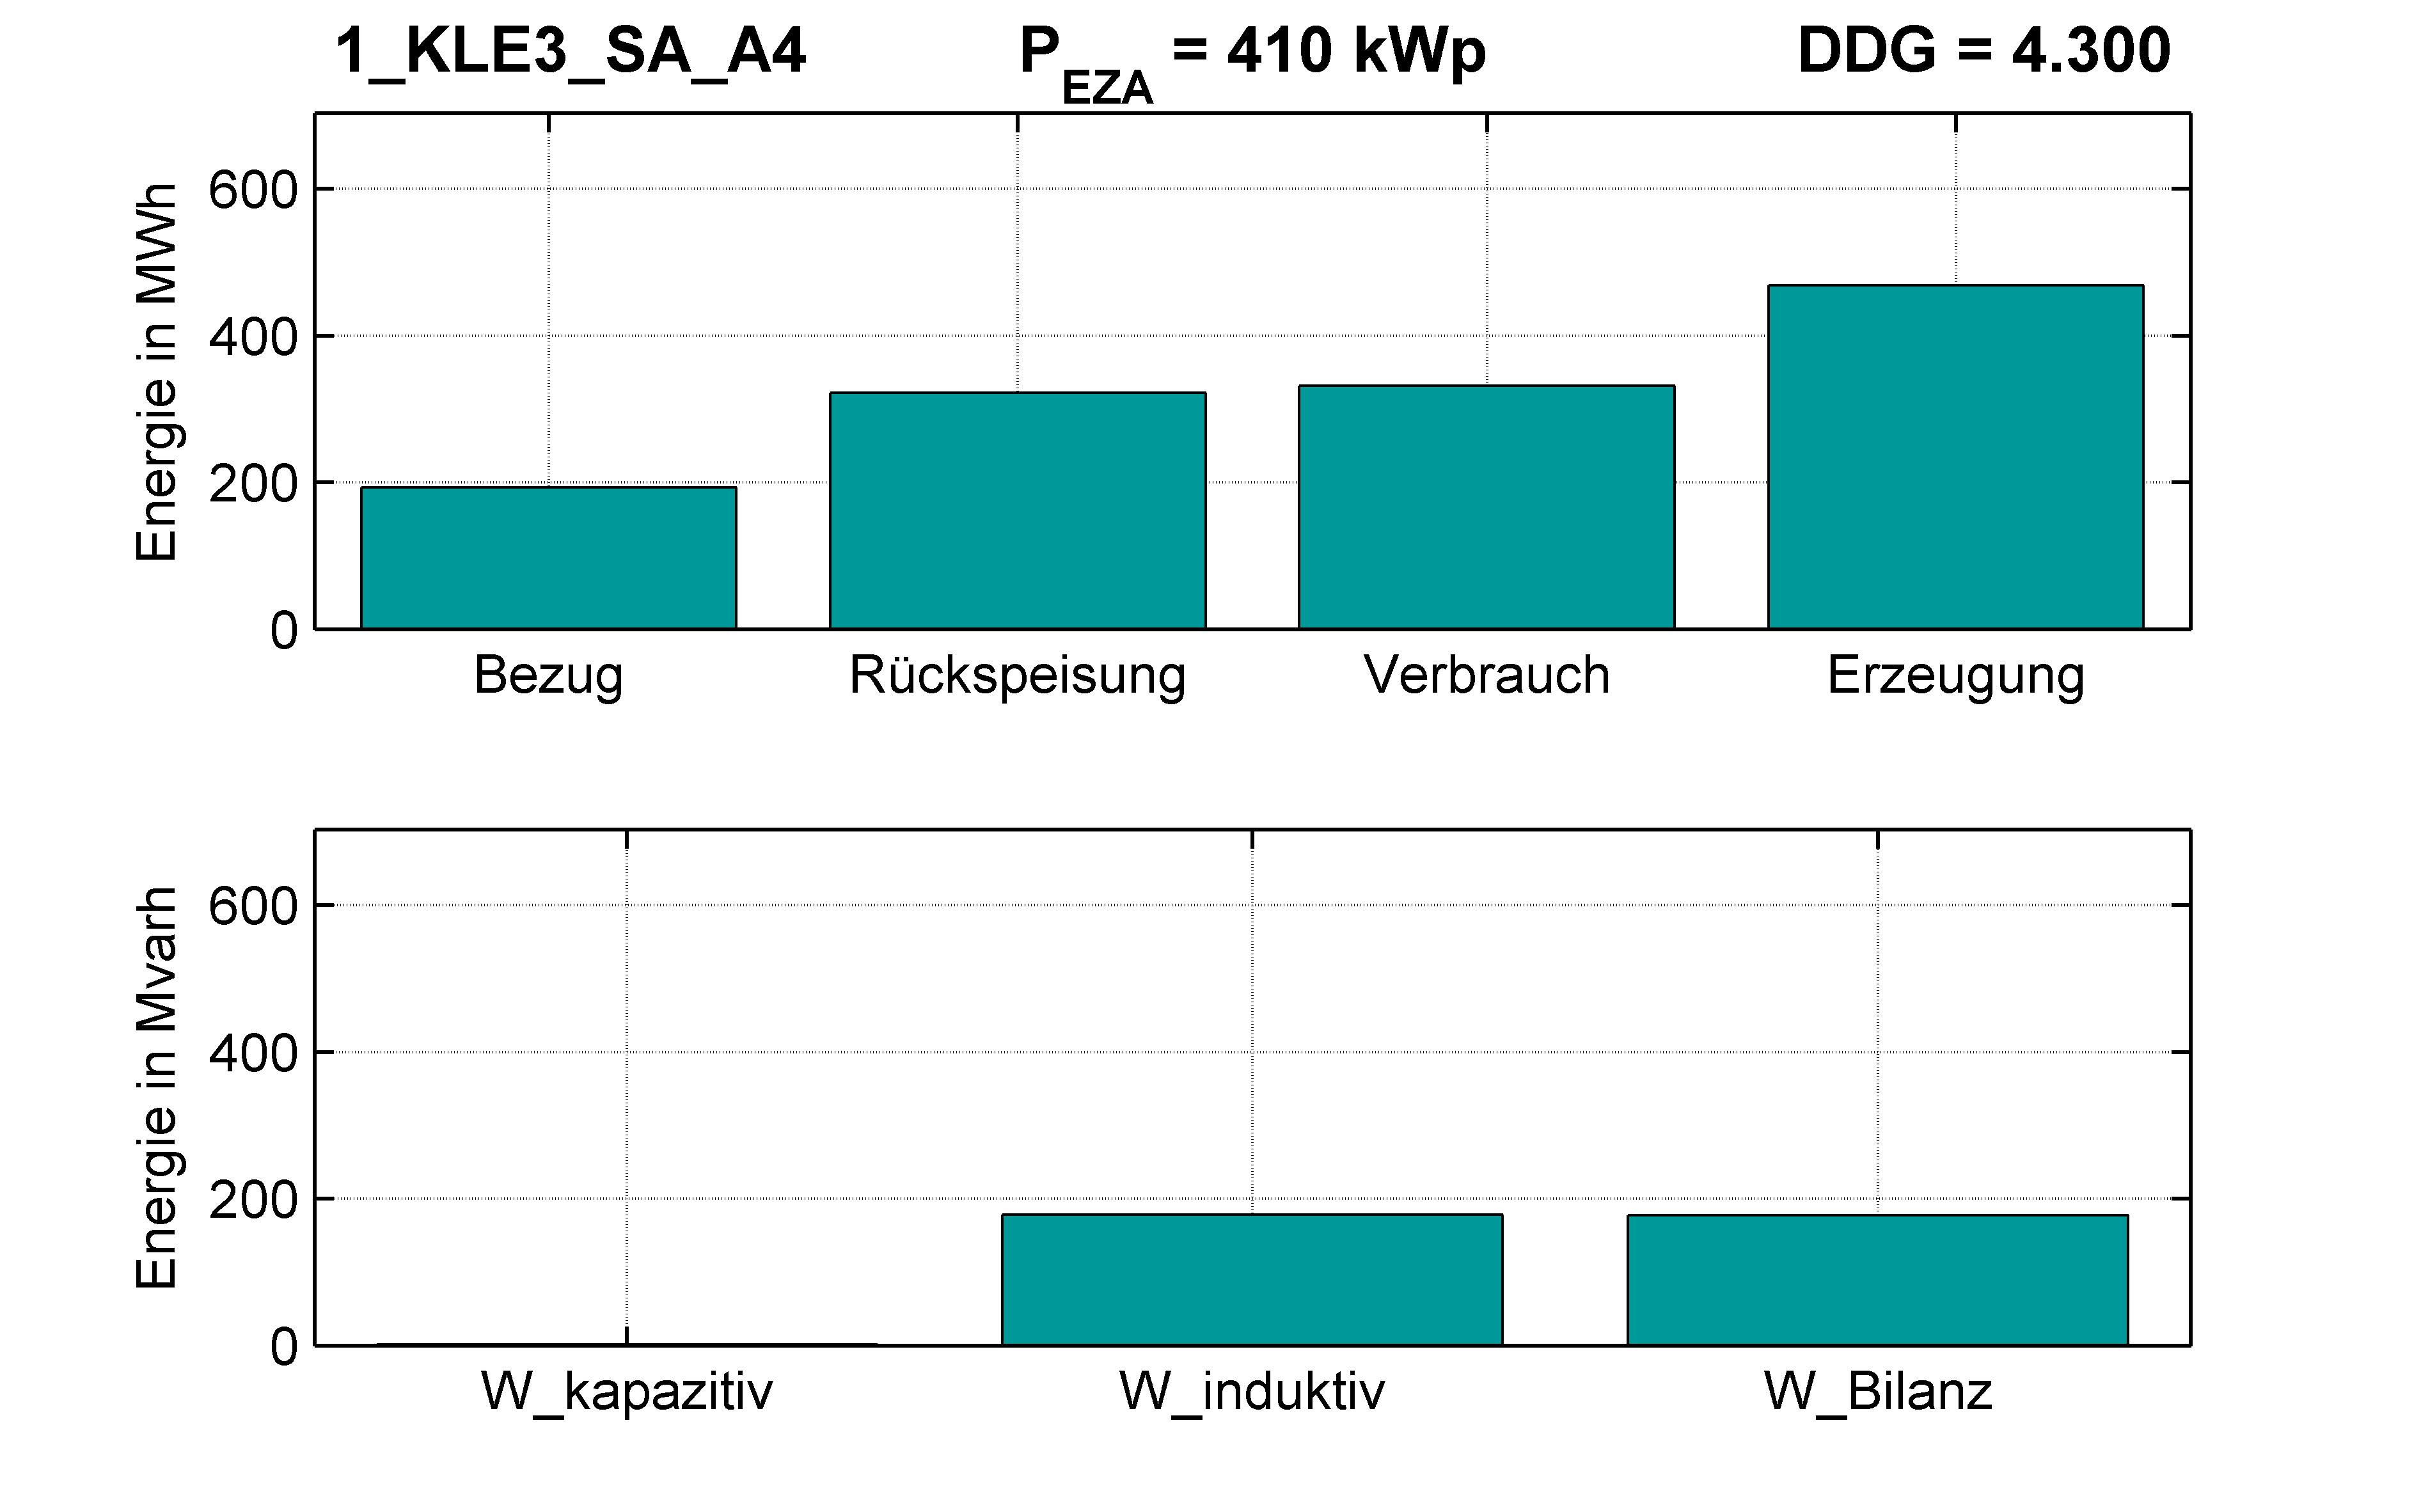 KLE3 | KABEL (SA) A4 | PQ-Bilanz